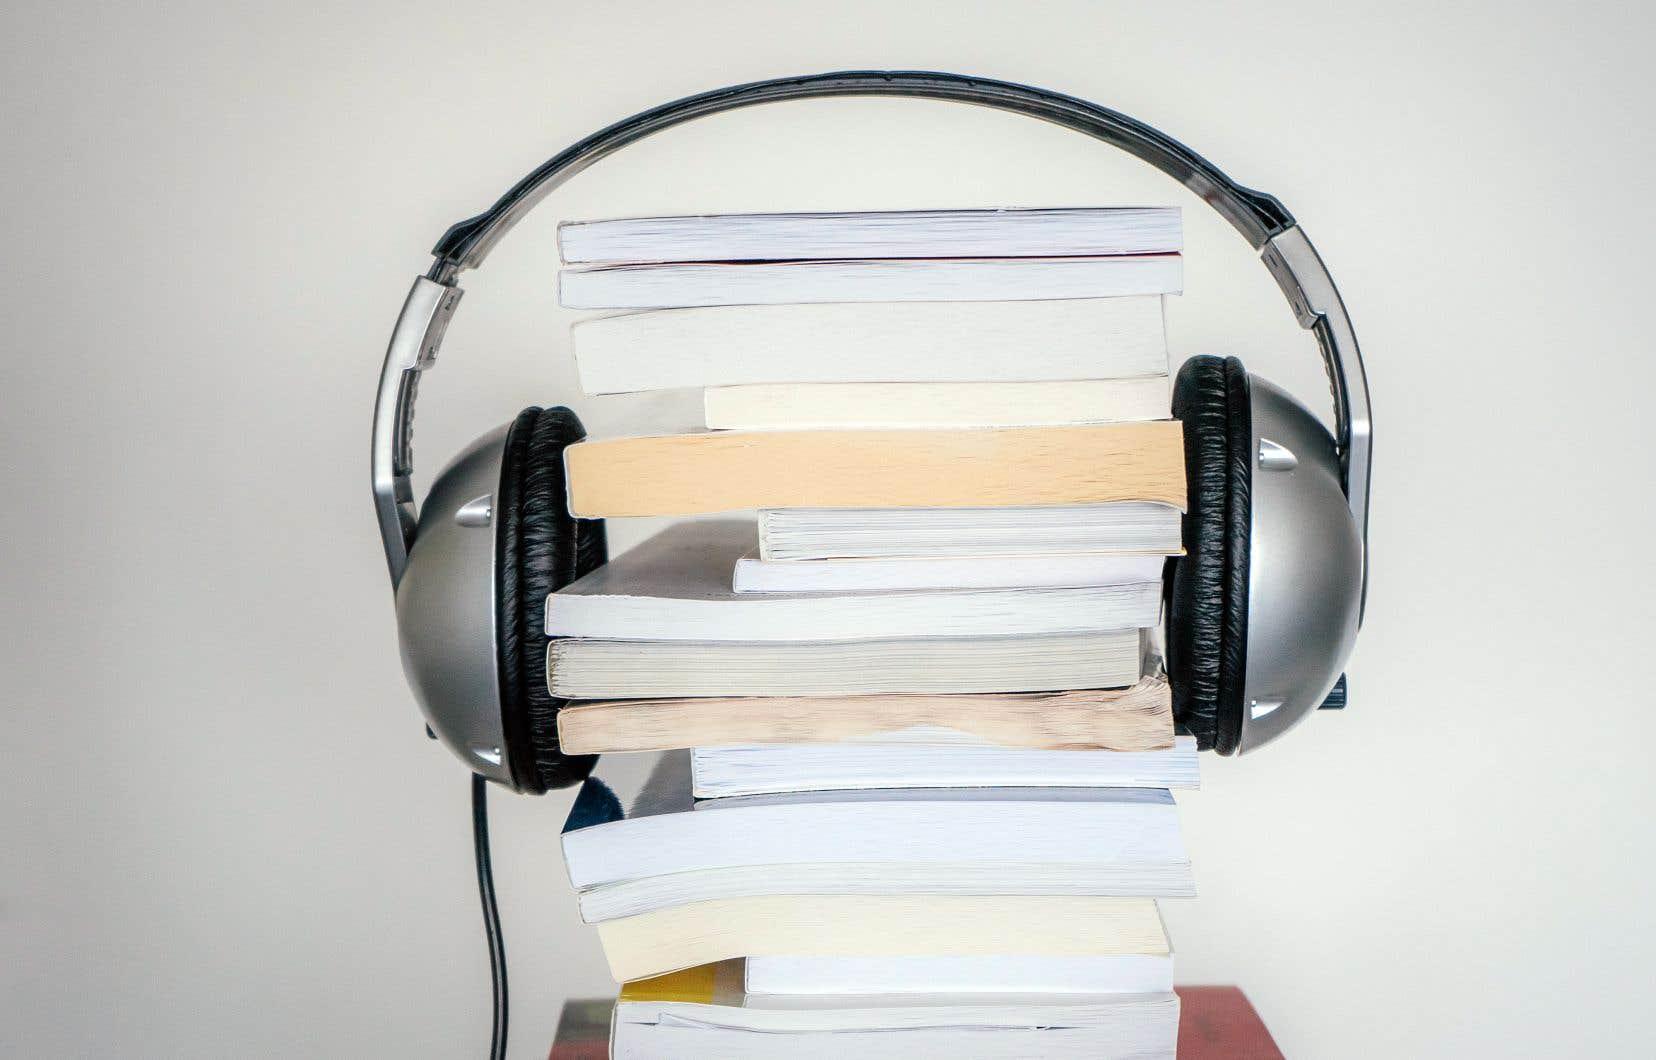 De Marque proposera bientôt aux éditeurs québécois des services de production d'audiolivres, en collaboration avec Vues et Voix.